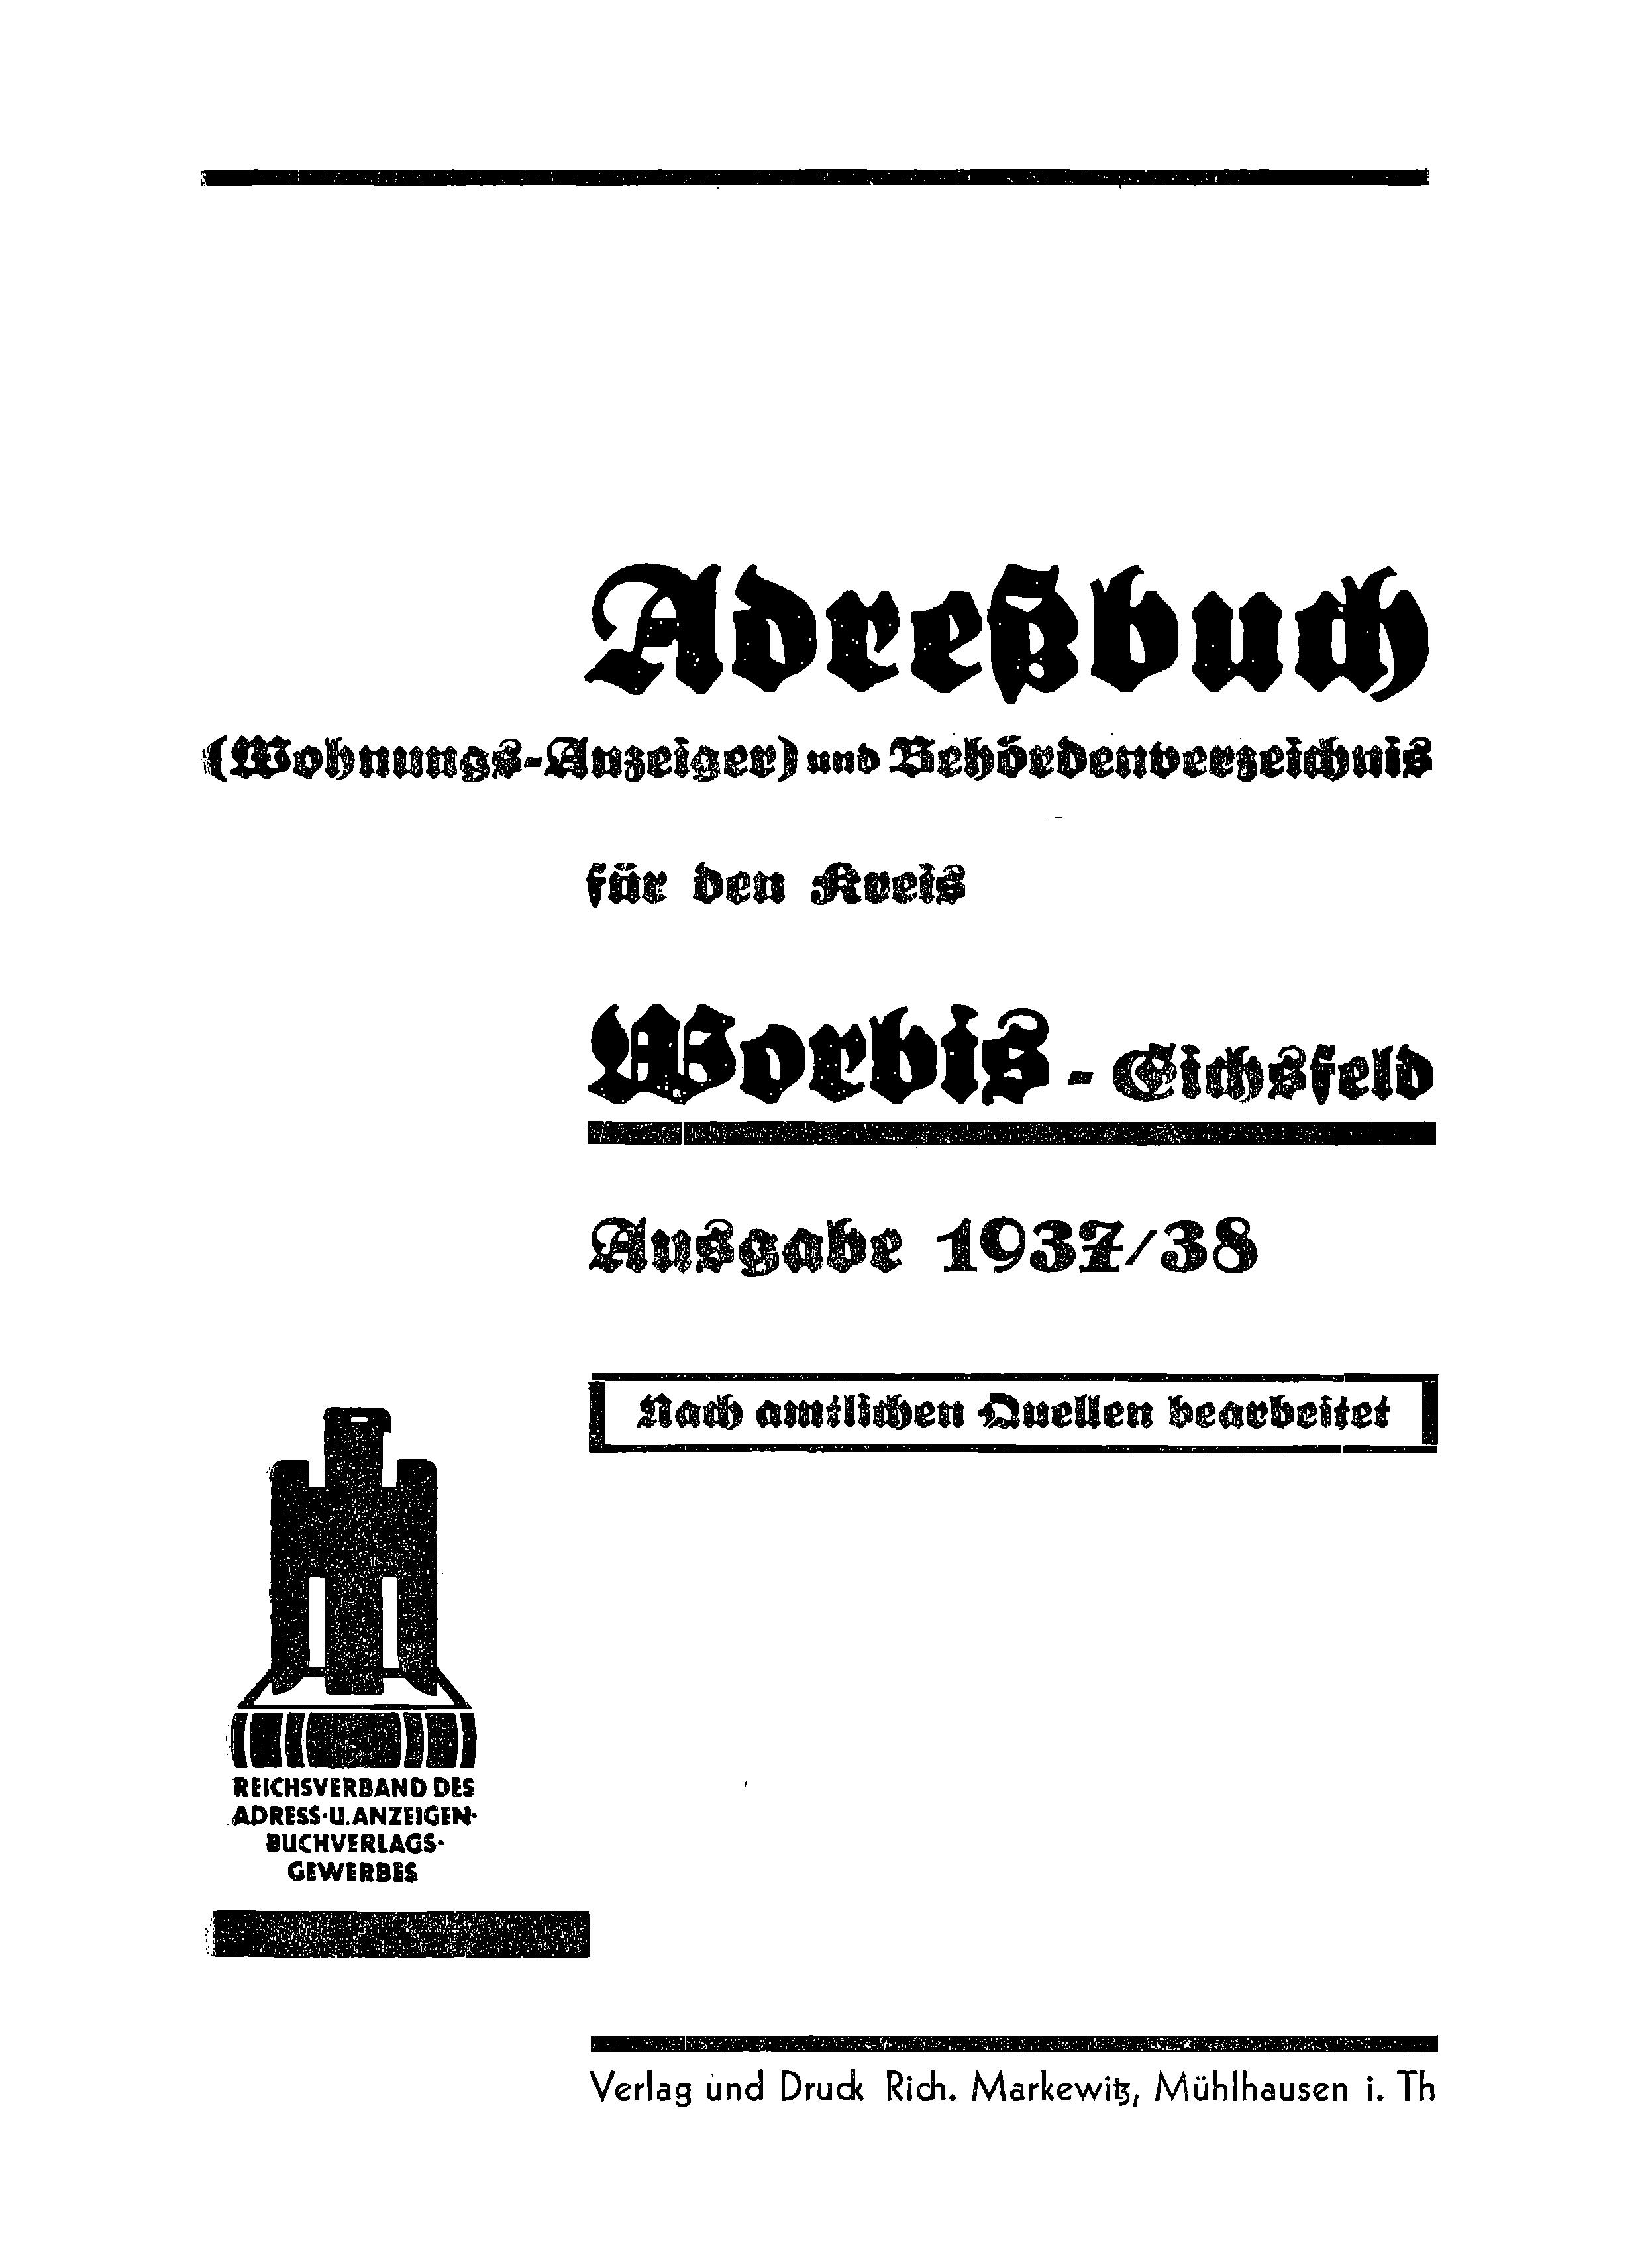 Adressbuch Worbis (Landkreis) 1937-38